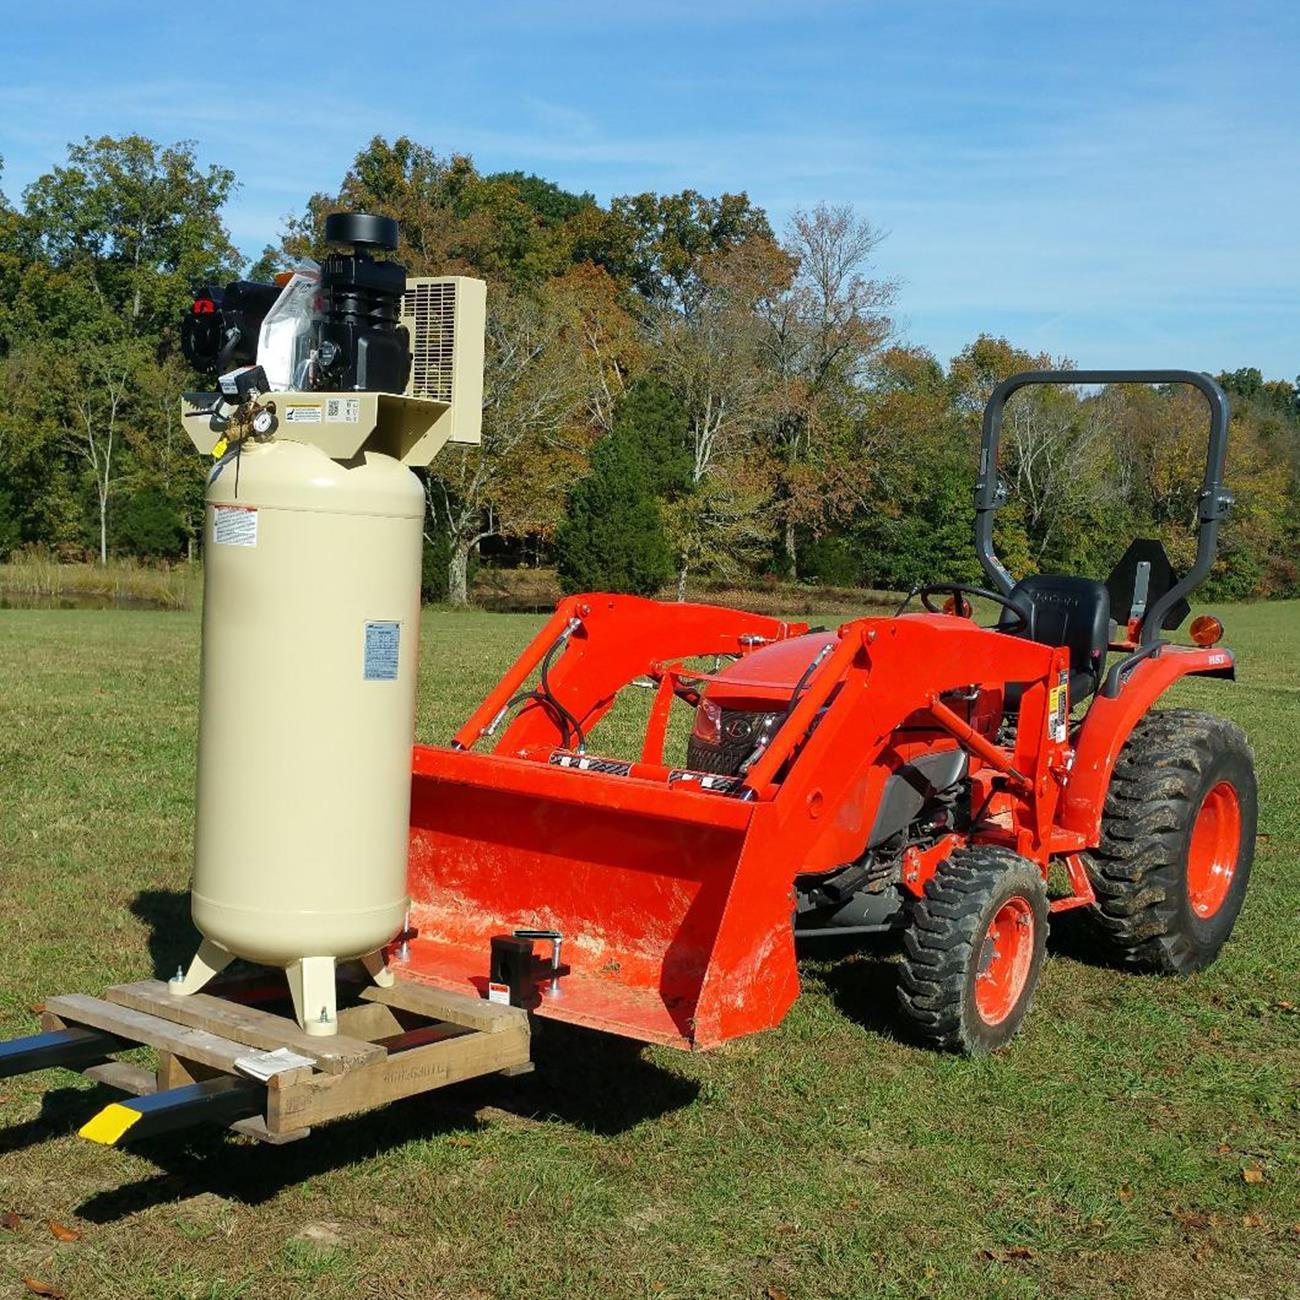 1500lb/3000lb/4000lb Clamp on Pallet Forks Loader Bucket Tractor Stabilizer Bar